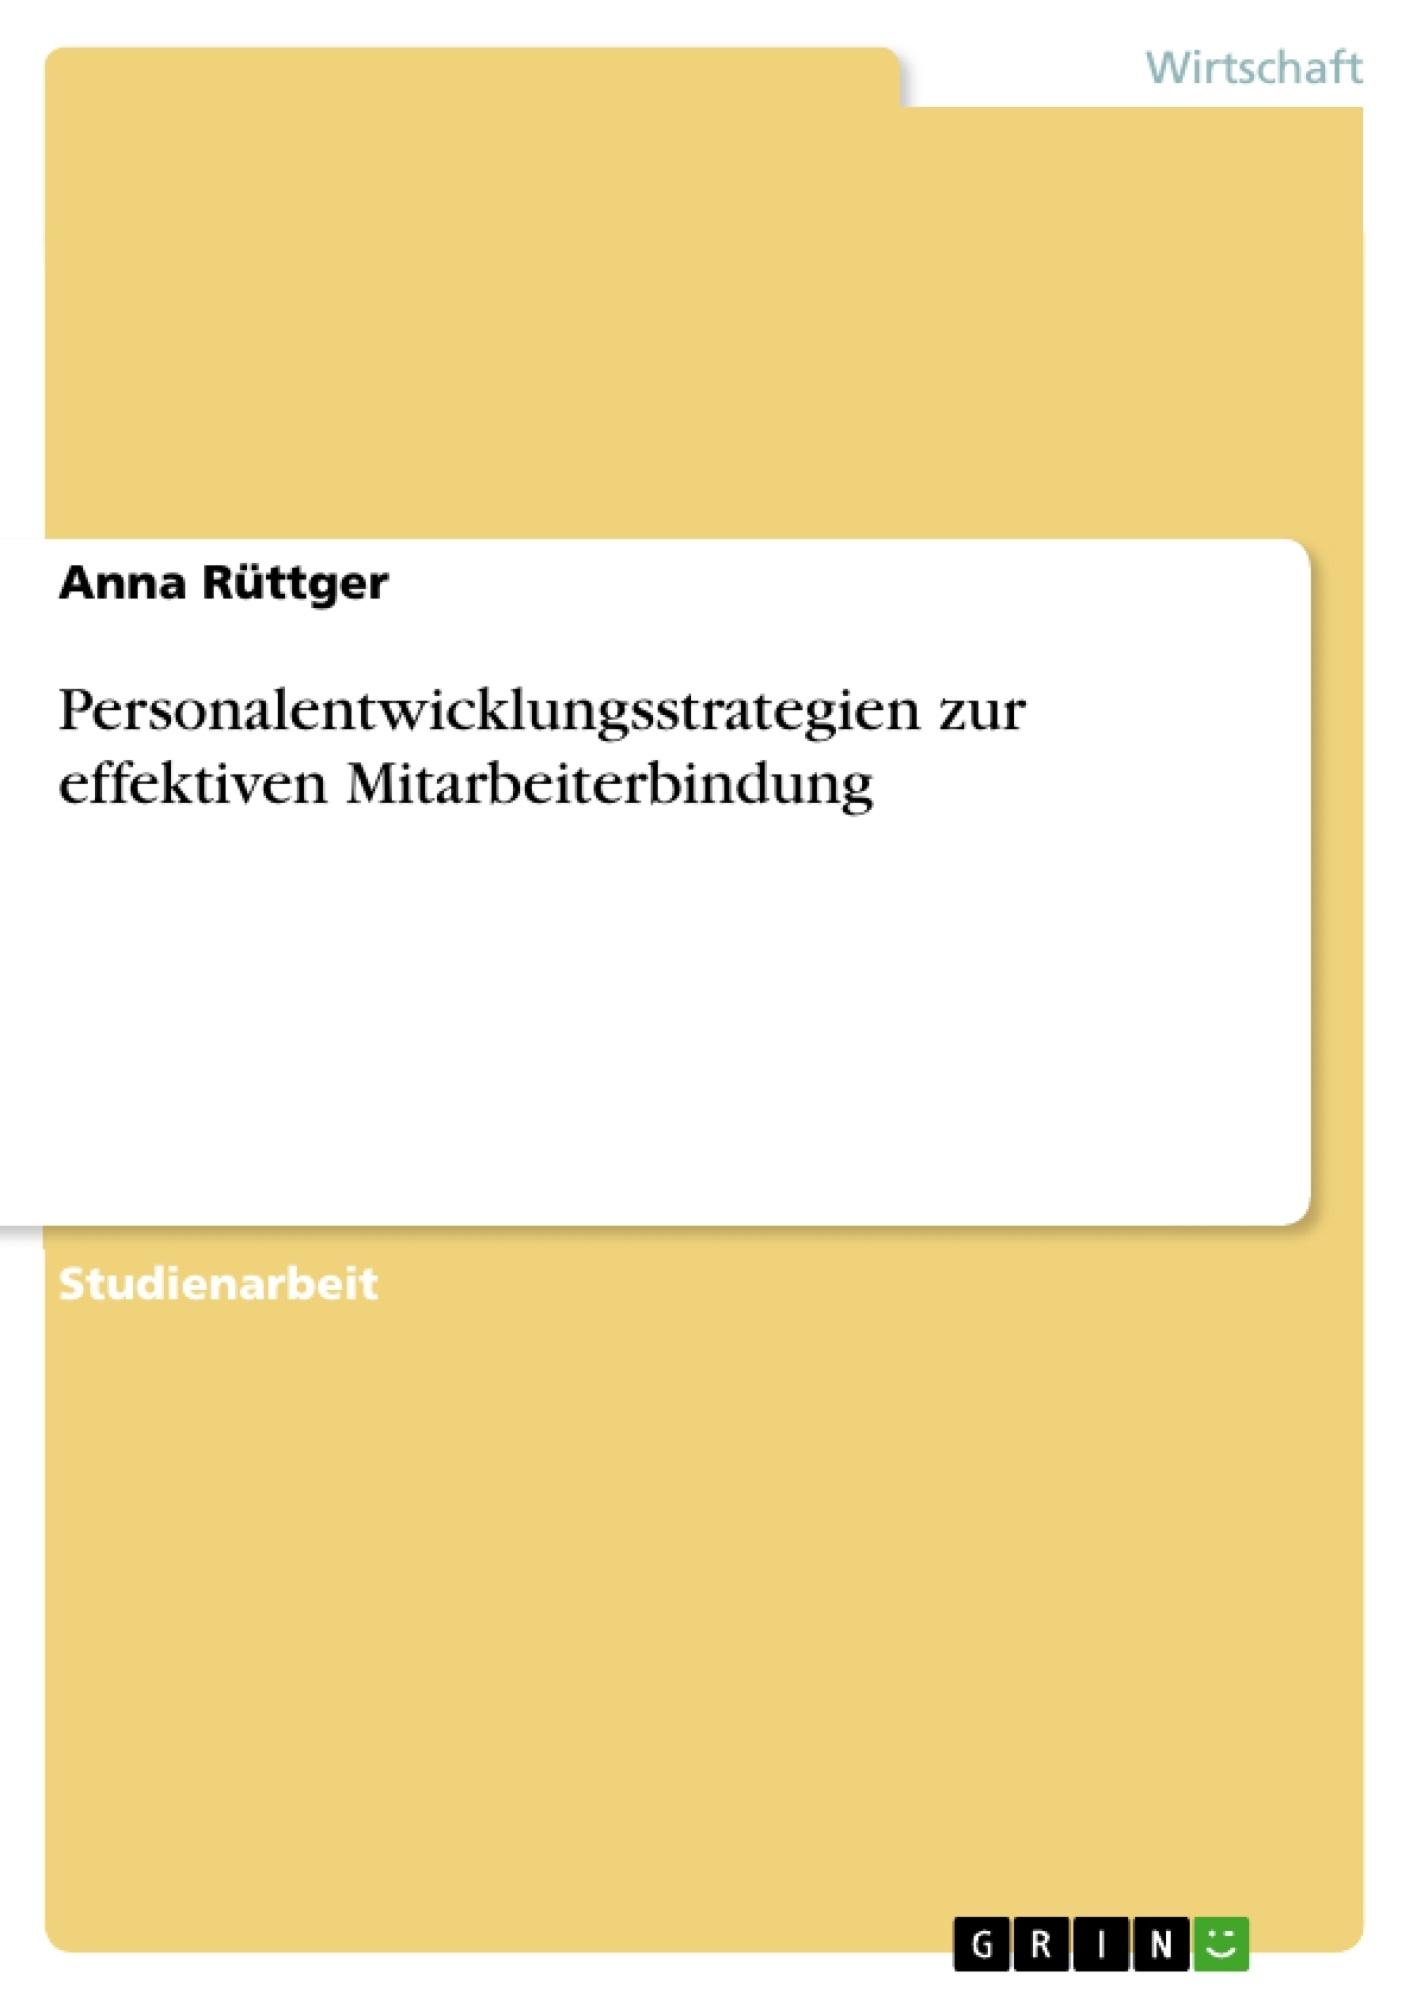 Titel: Personalentwicklungsstrategien zur effektiven Mitarbeiterbindung